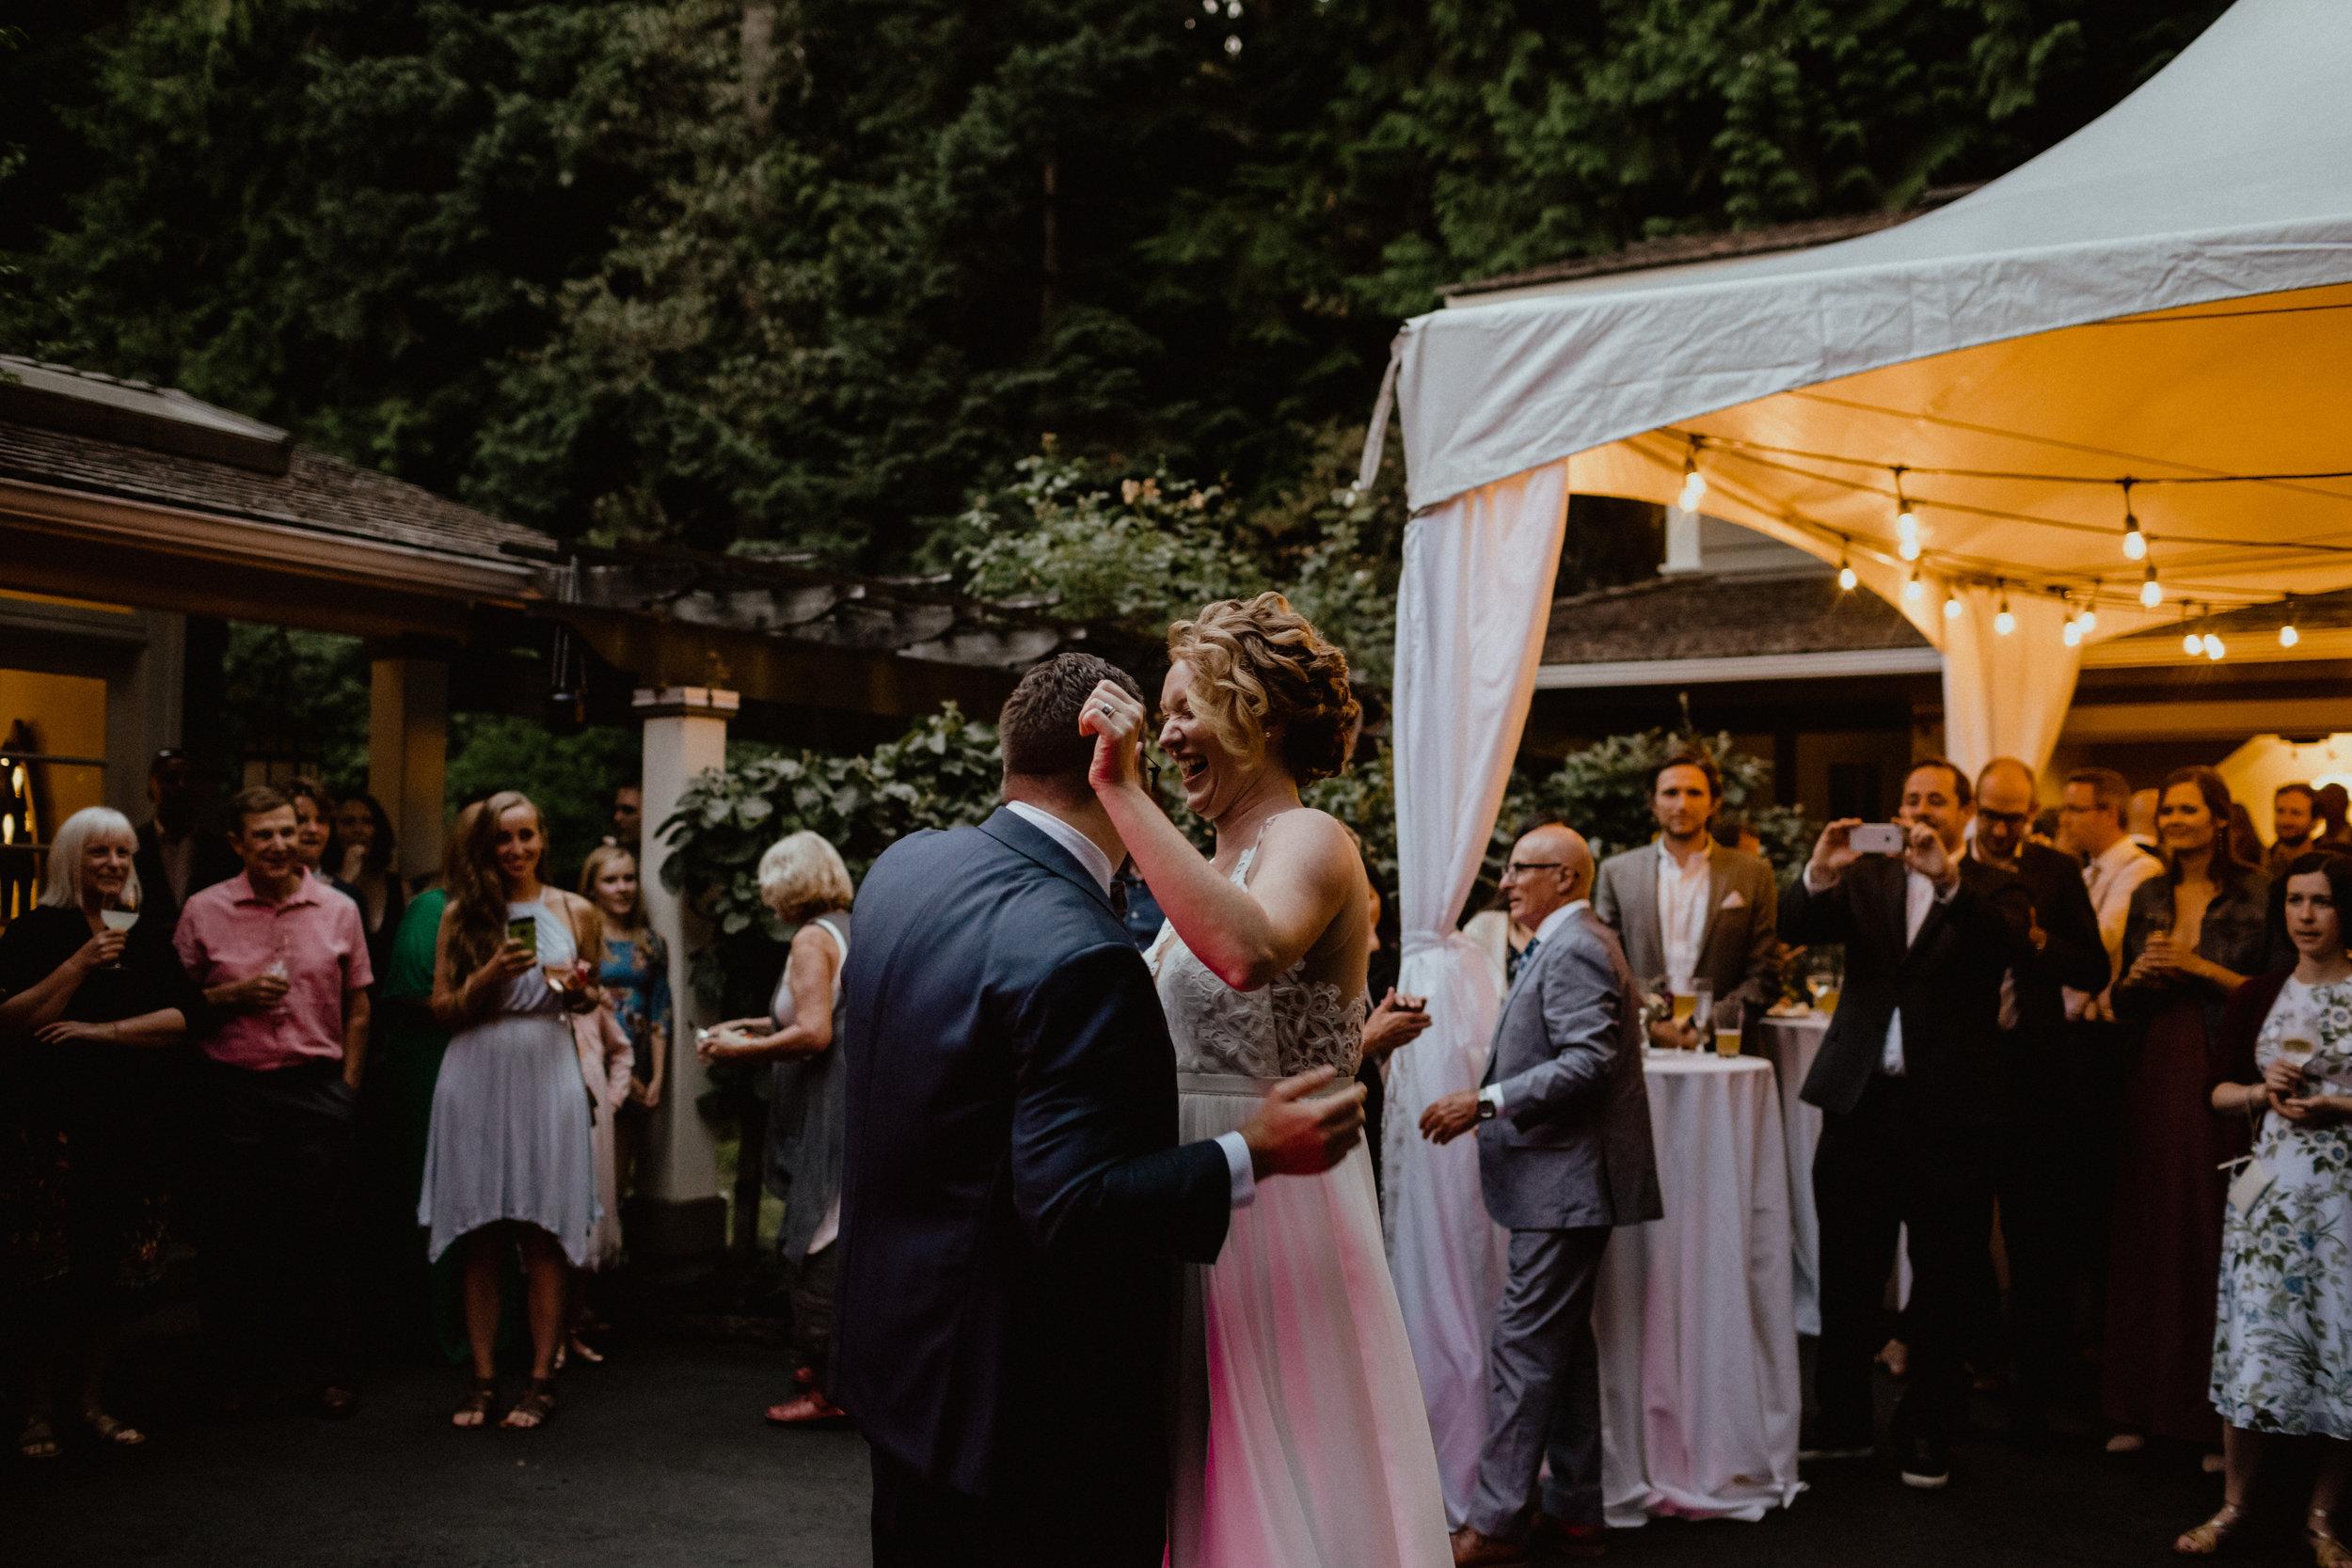 west-vancouver-backyard-wedding-288.jpg